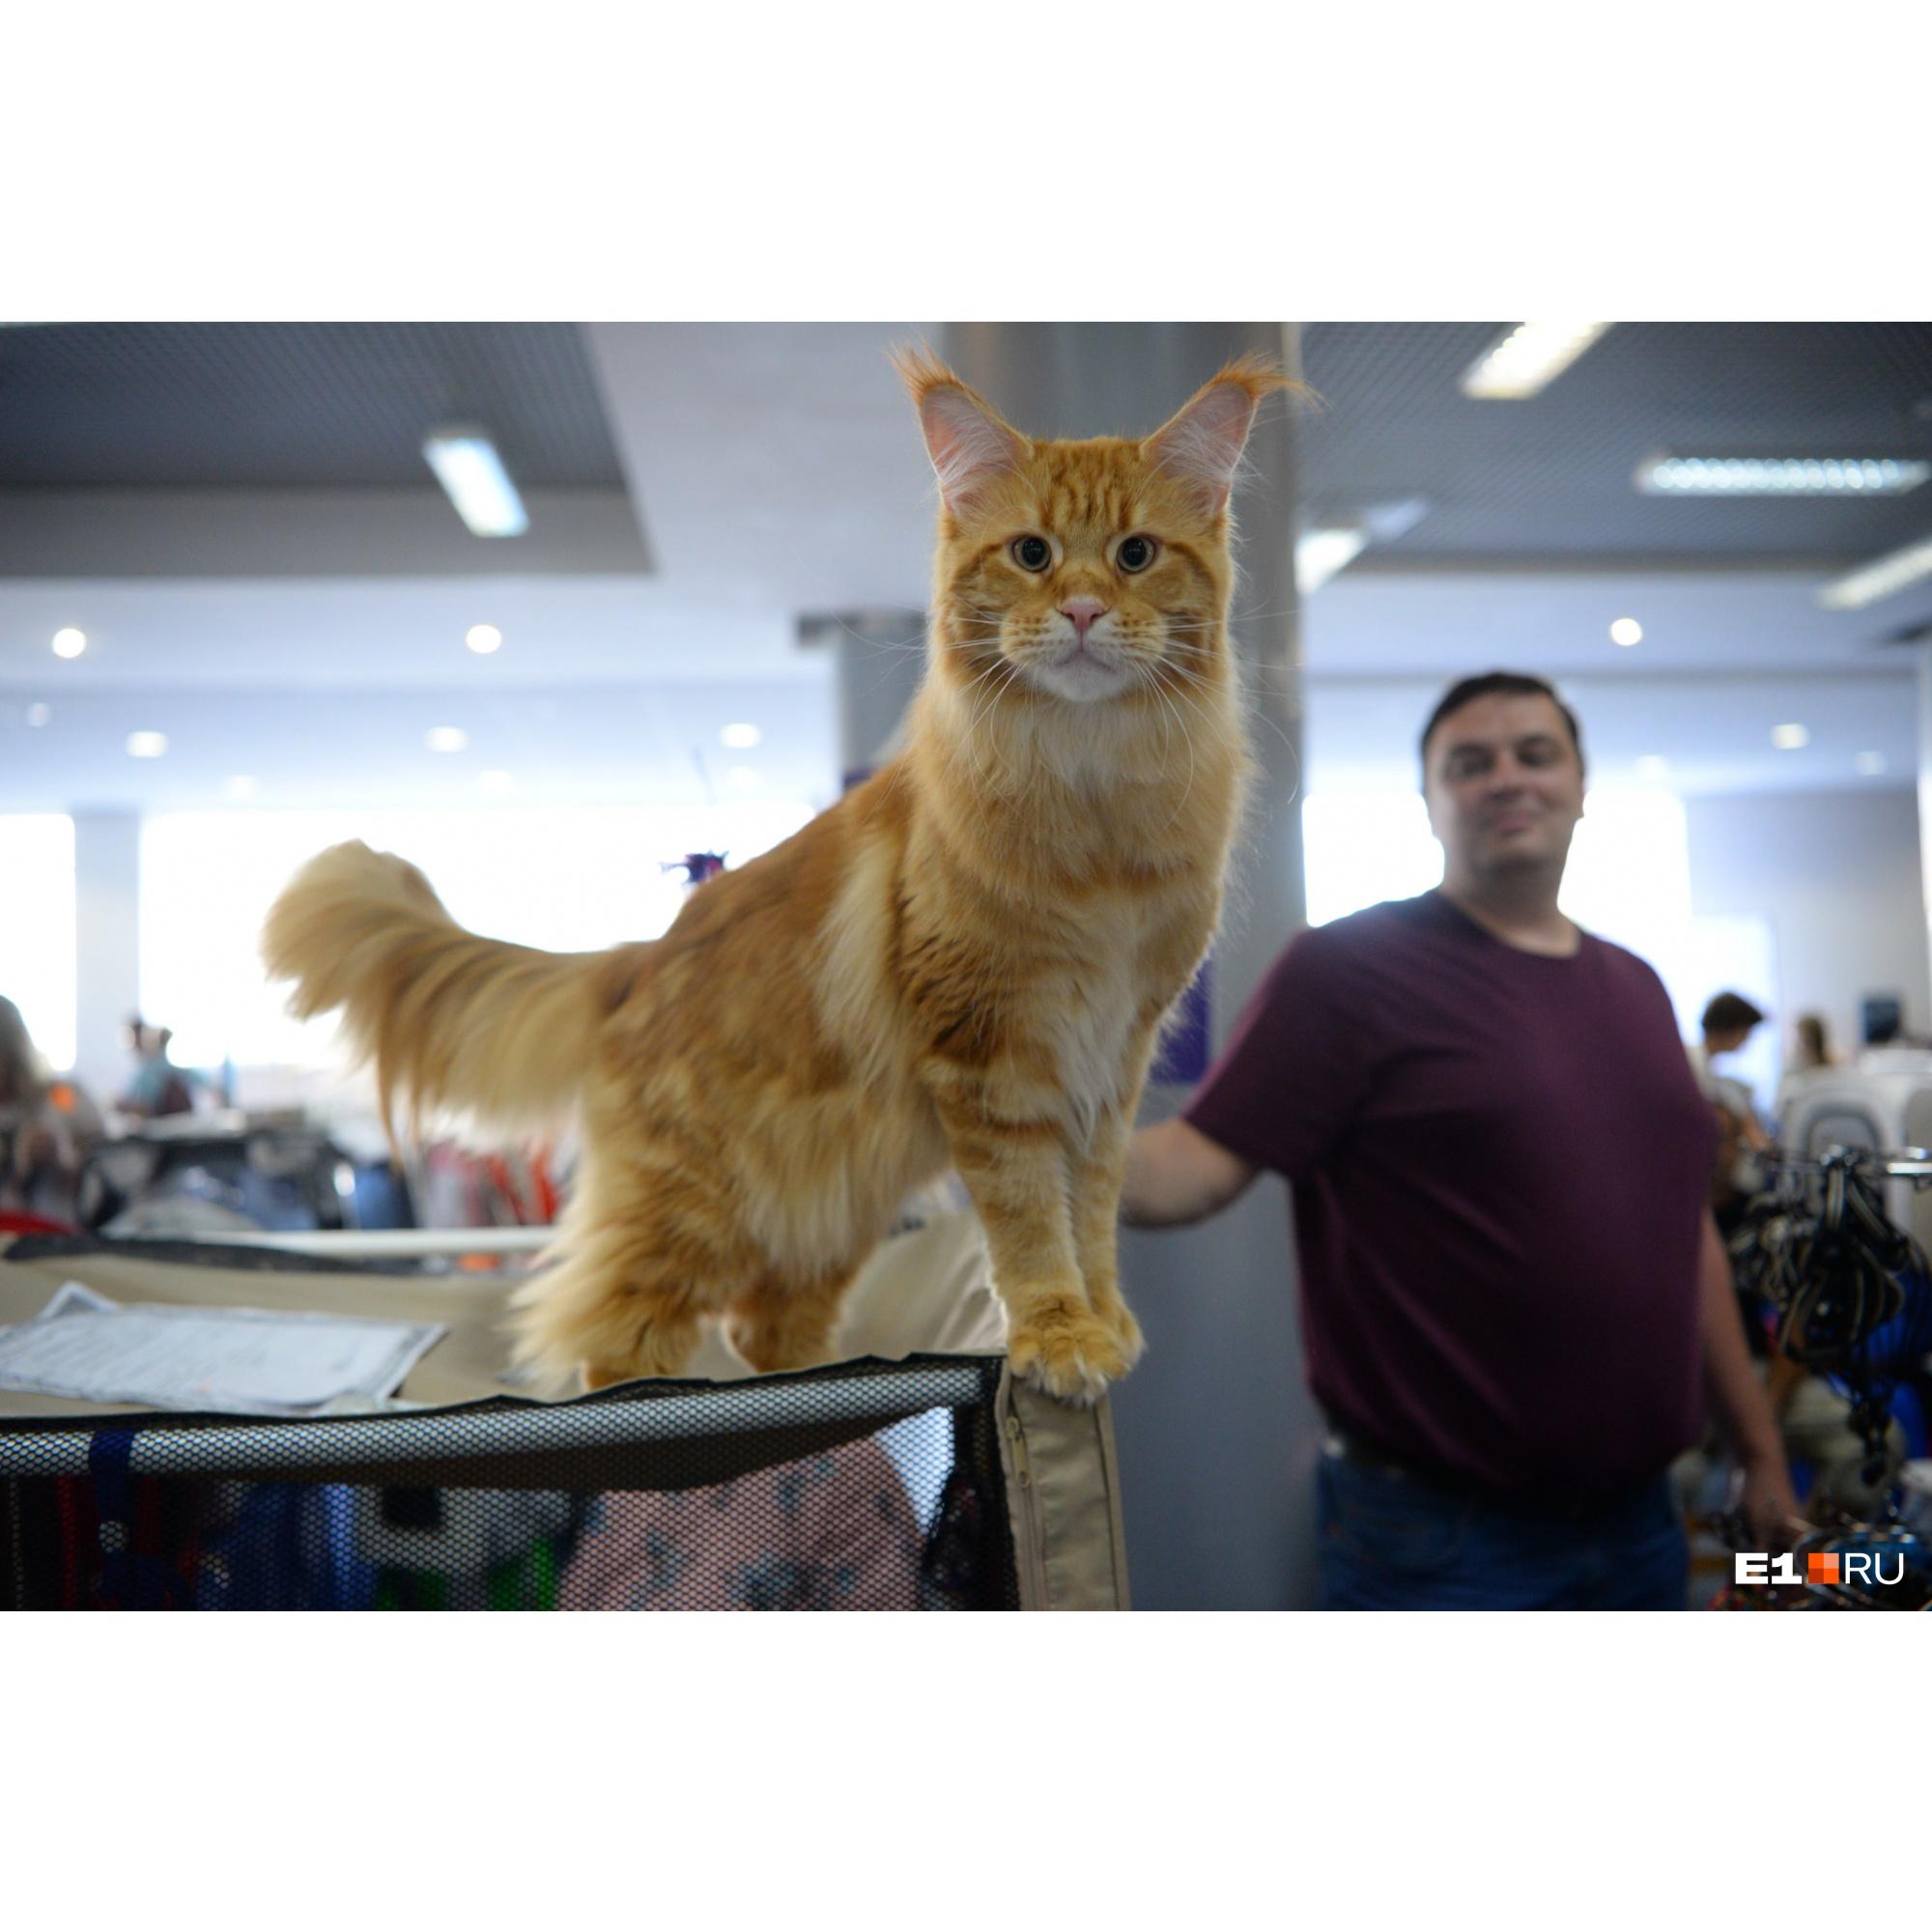 Все котики до неприличия фотогеничны